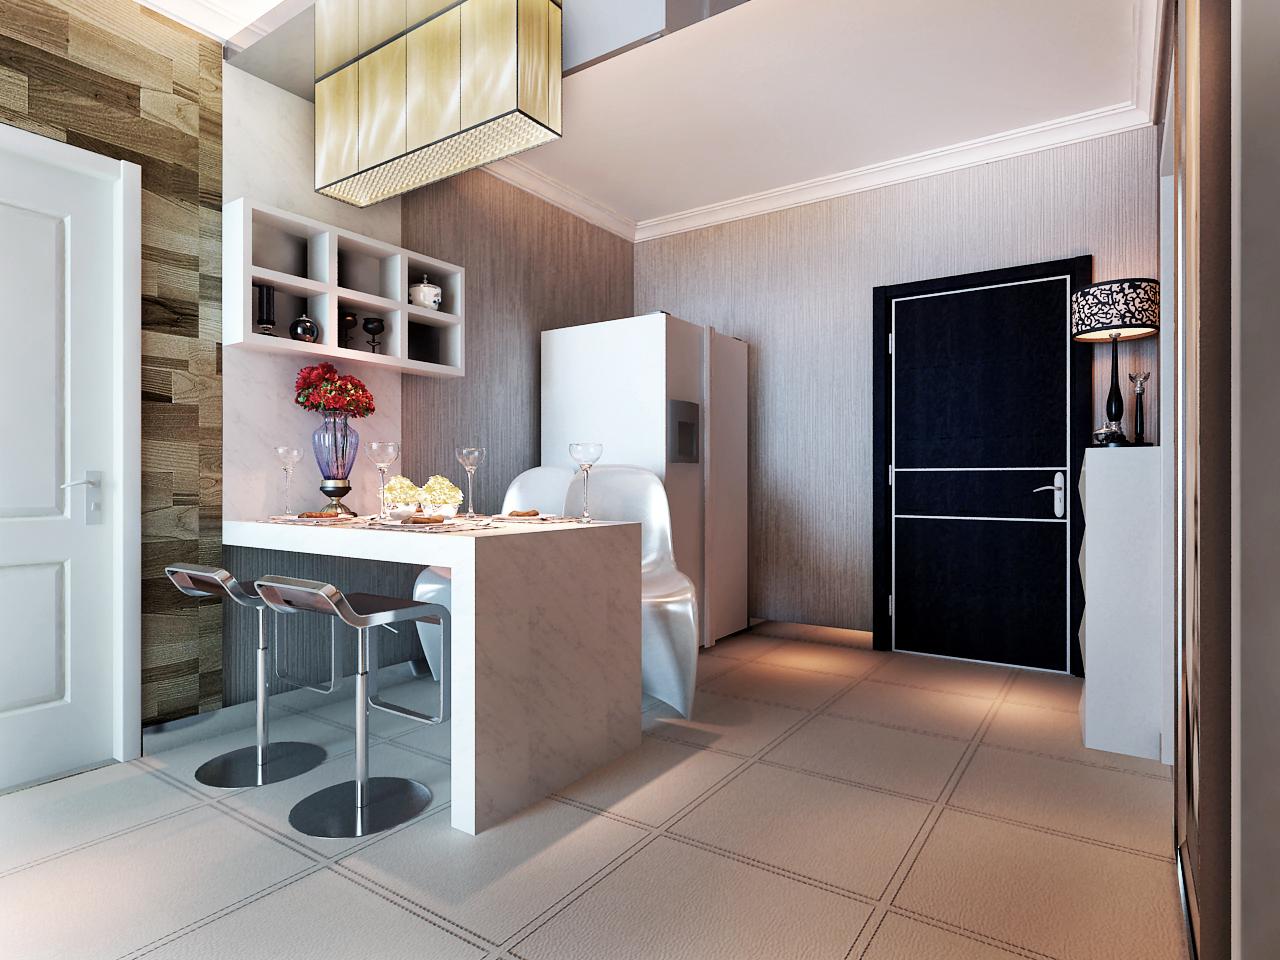 砖制的吧台,柔和的灯光图片